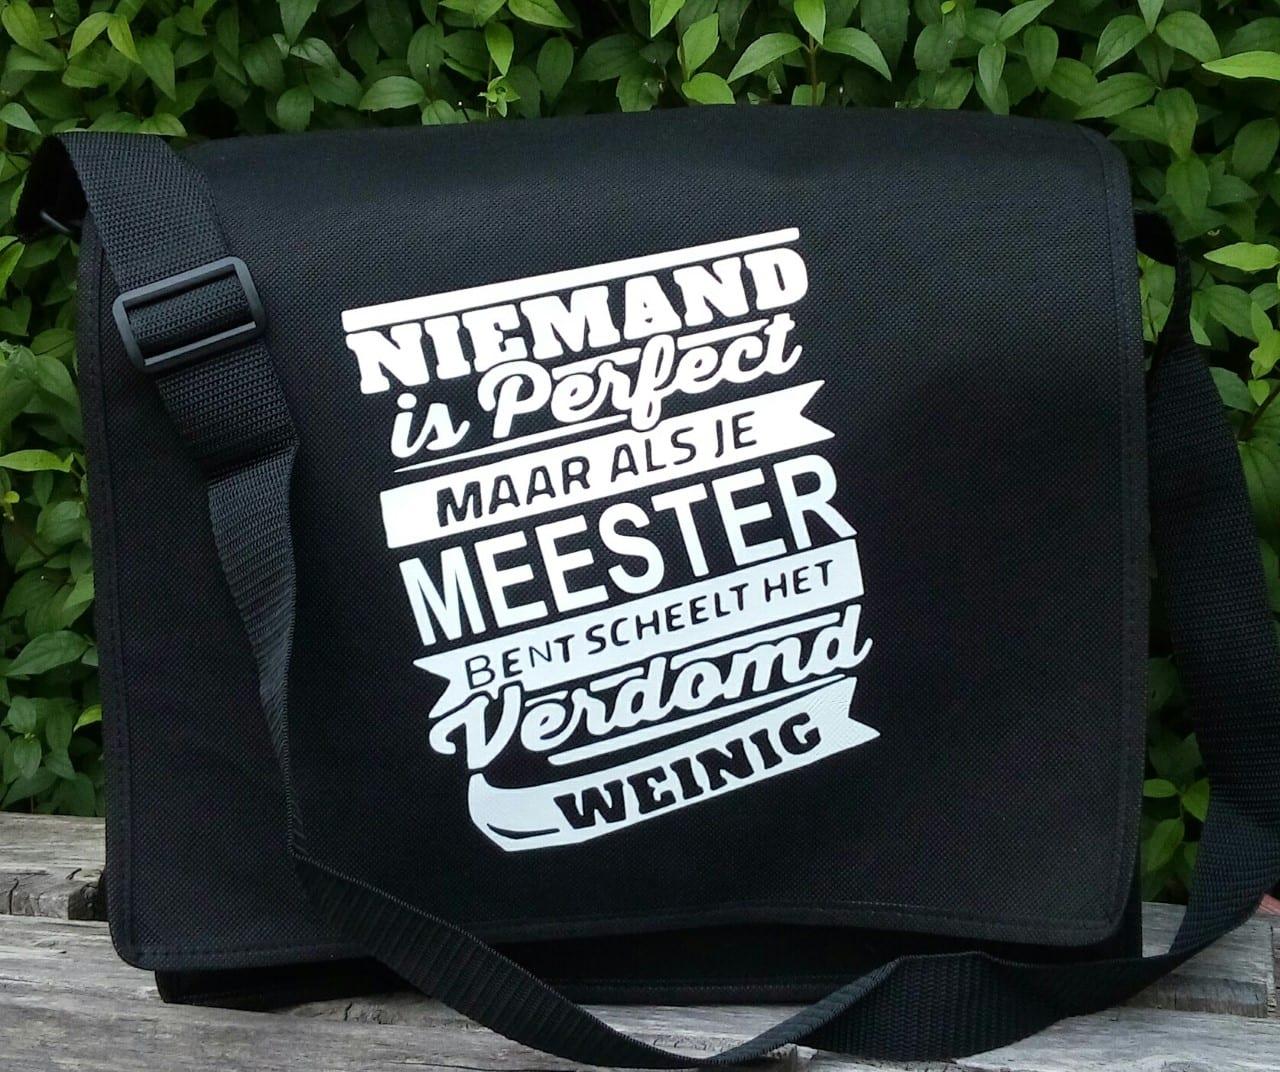 Cadeau Een Tas Voor De Meester